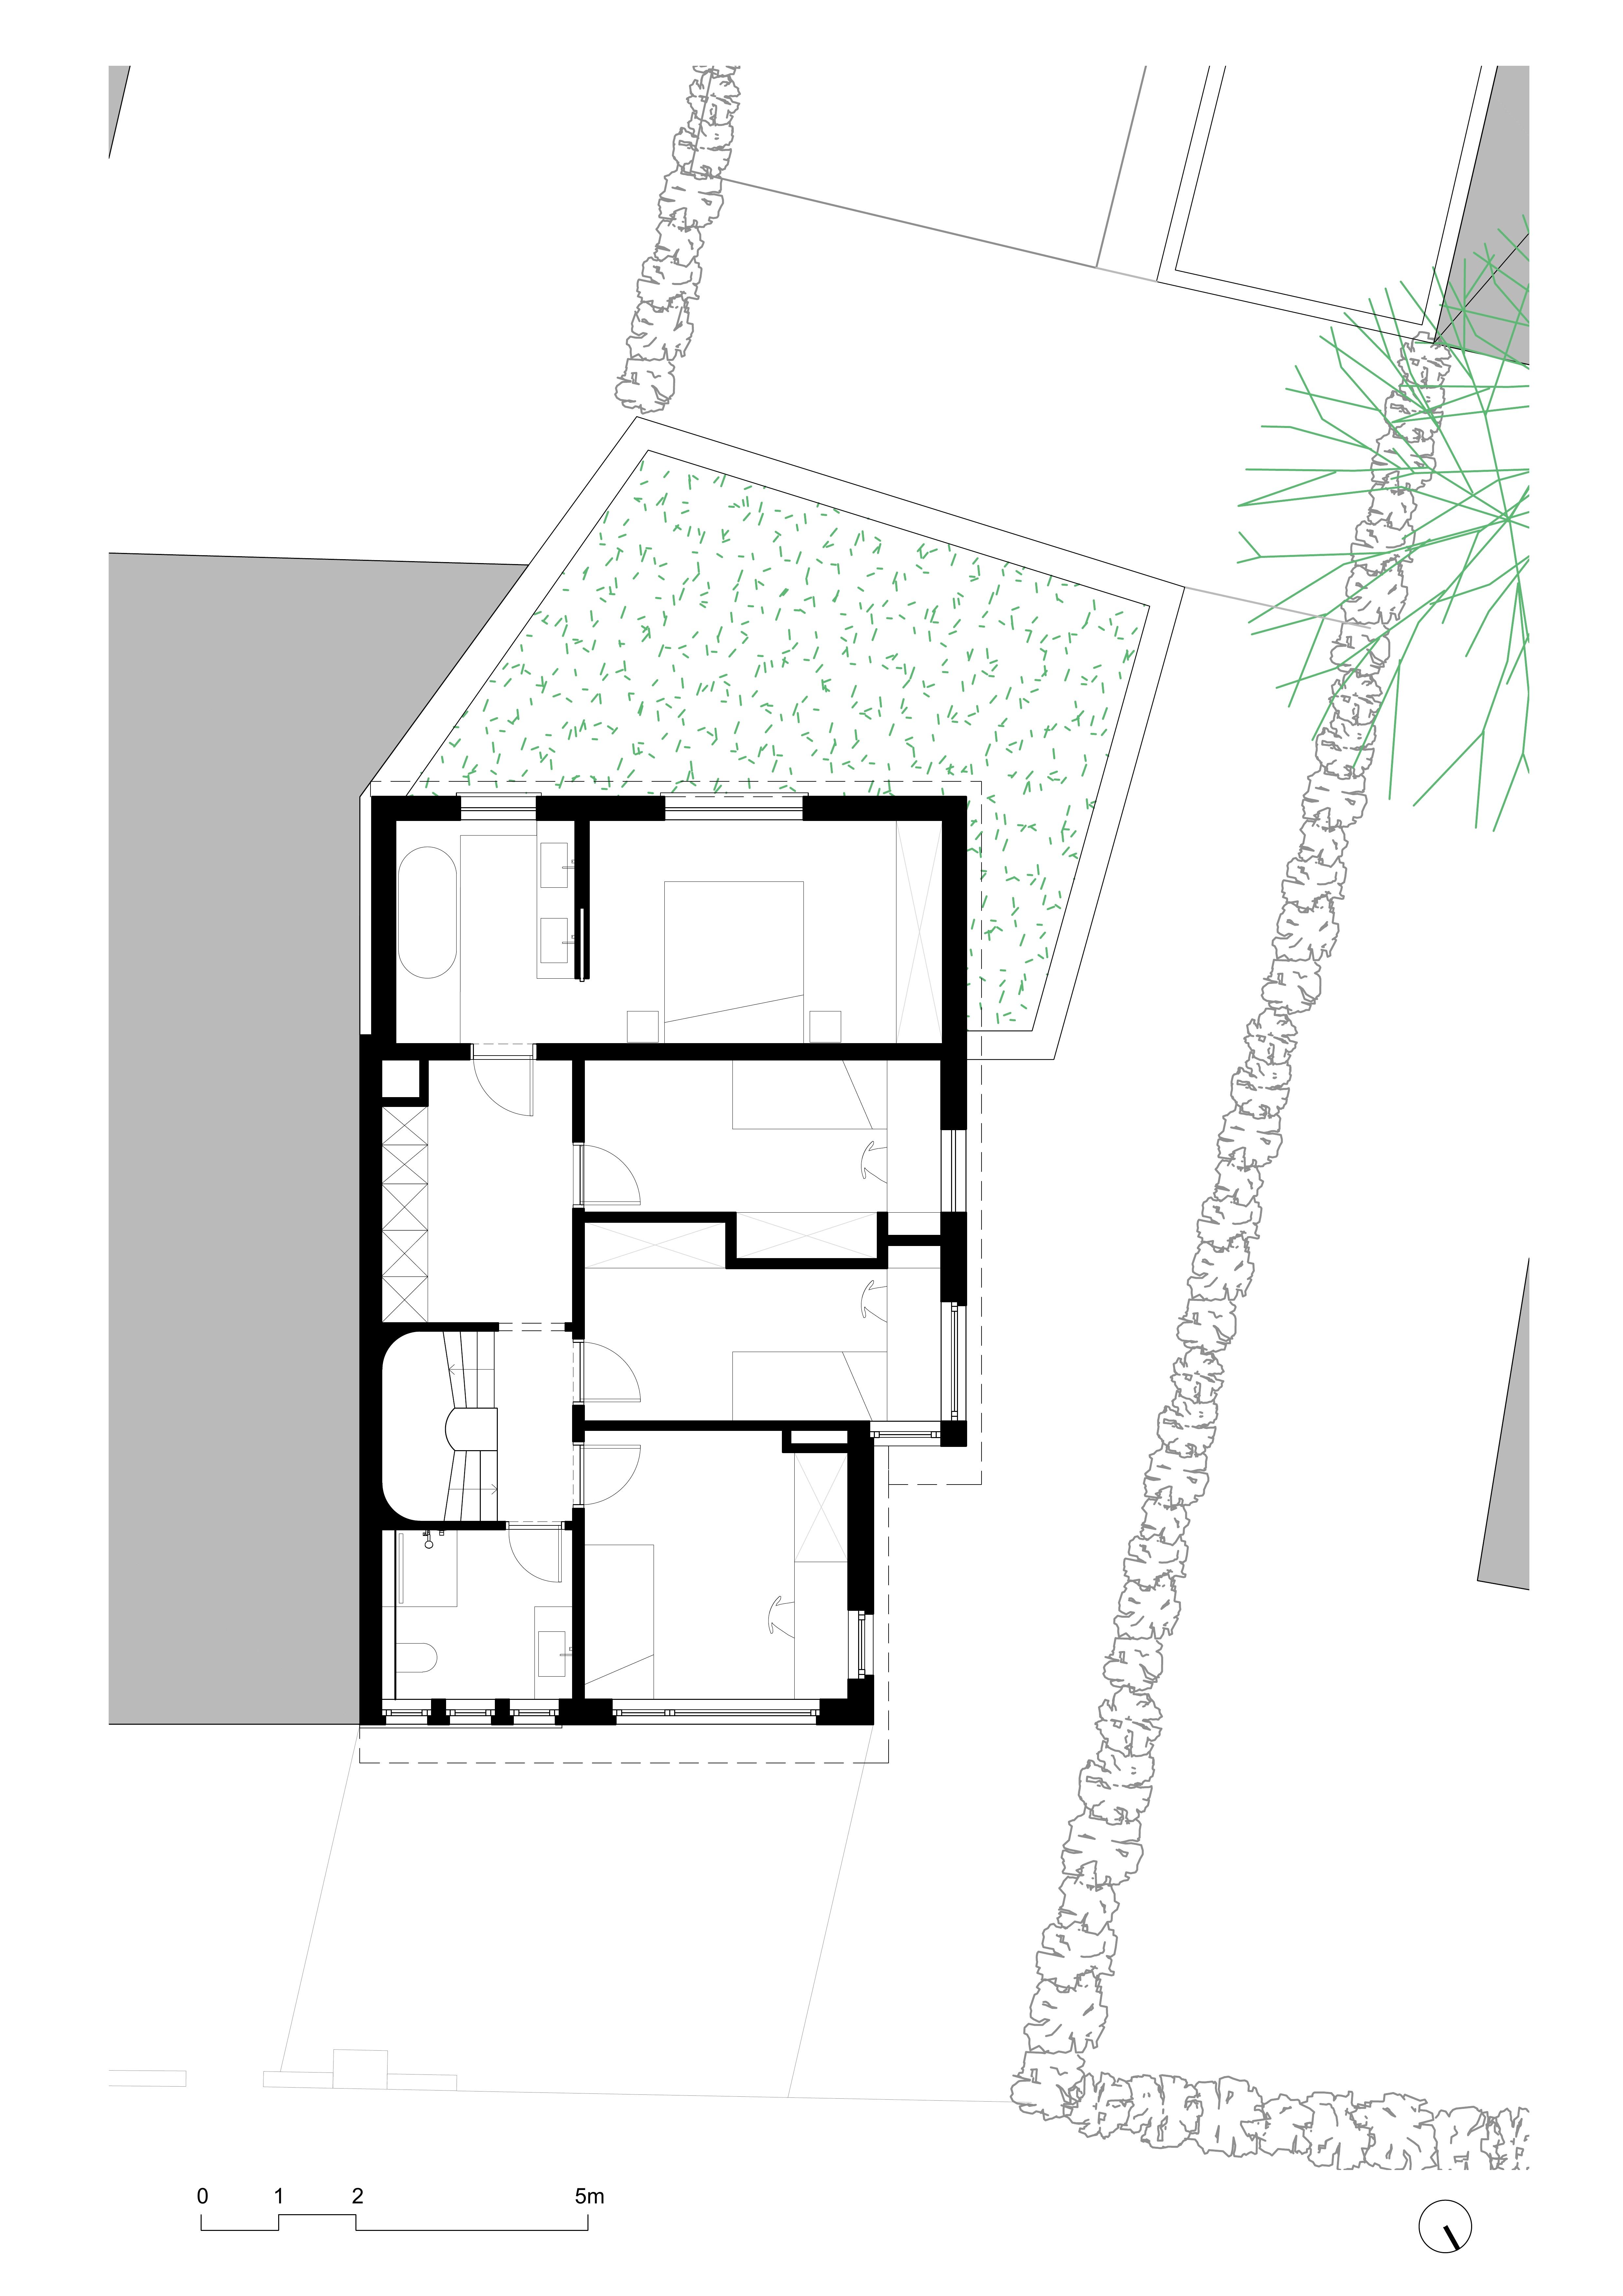 faktordertig -Wilrijk - architectuur - renovatie - uitbreiding - bio-ecologisch - duurzaam bouwen